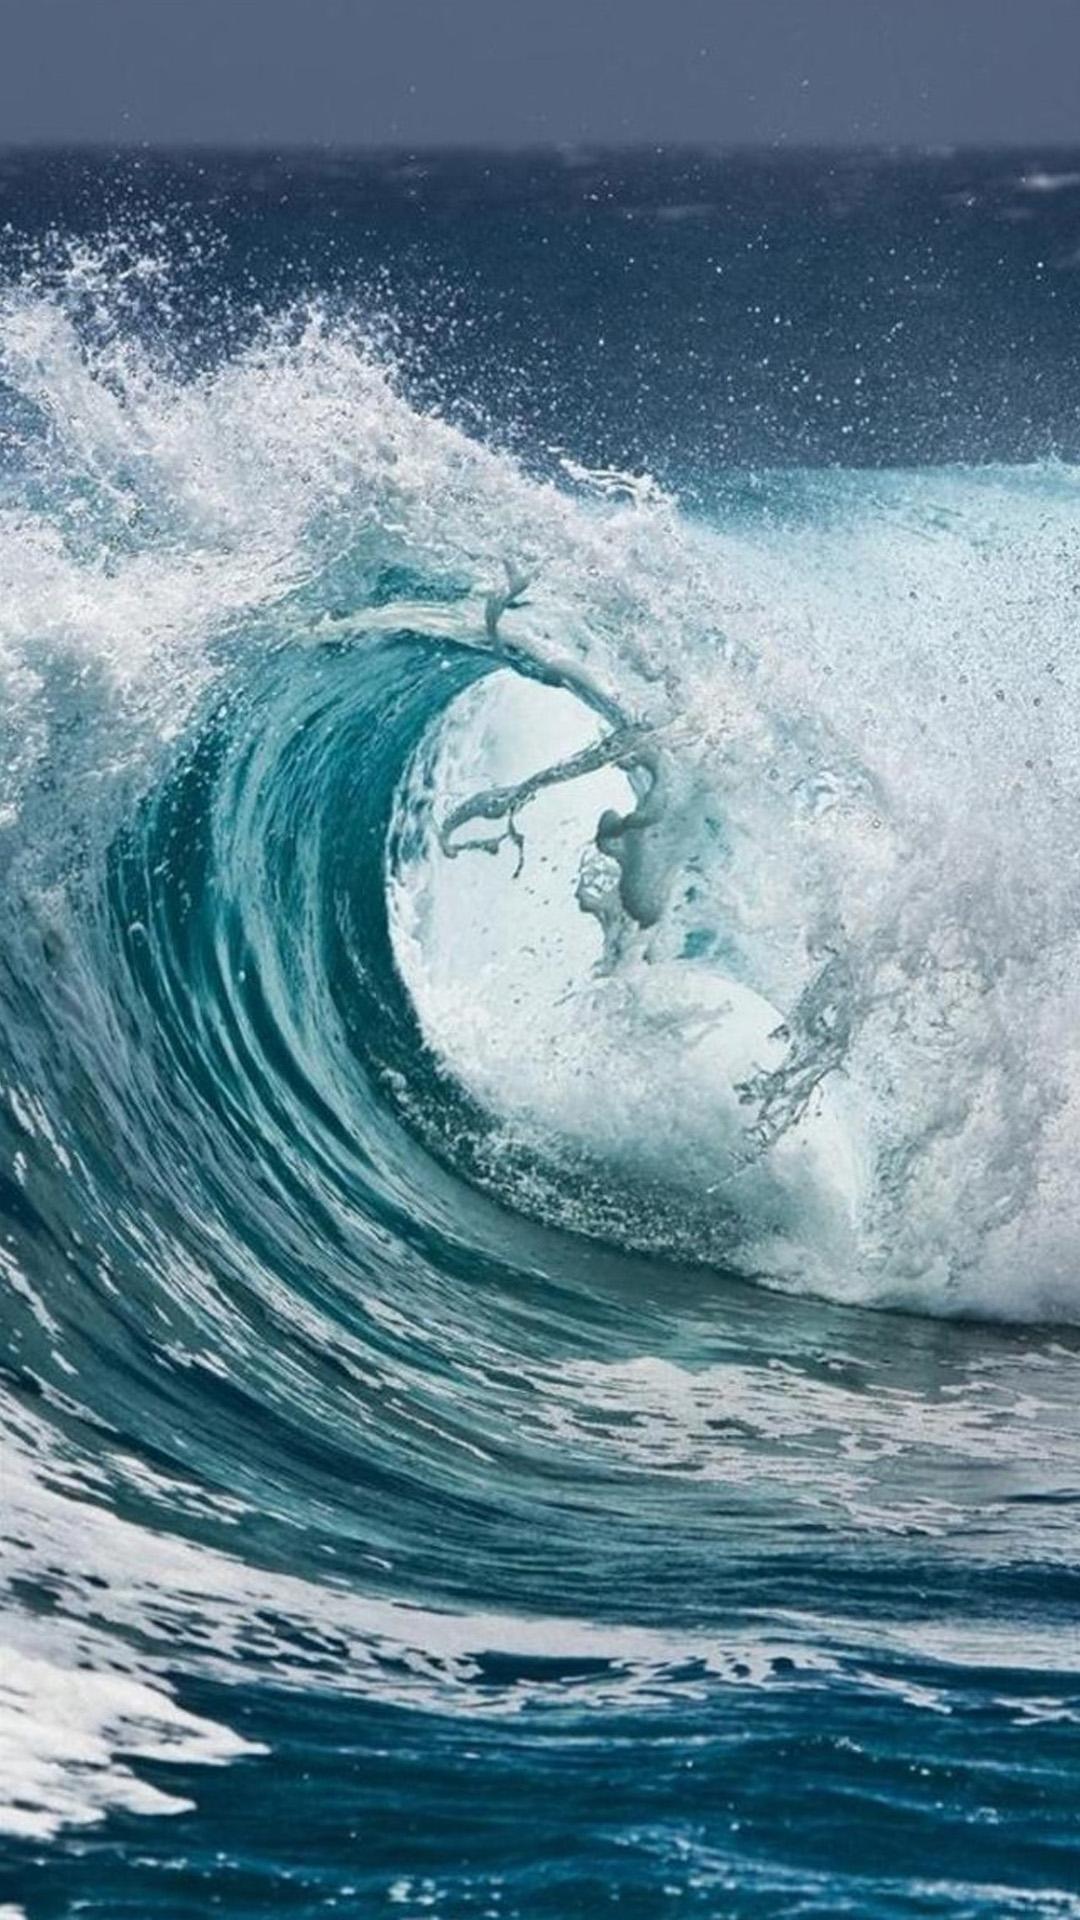 大海 海浪 海水 冲浪 苹果手机高清壁纸 1080x1920